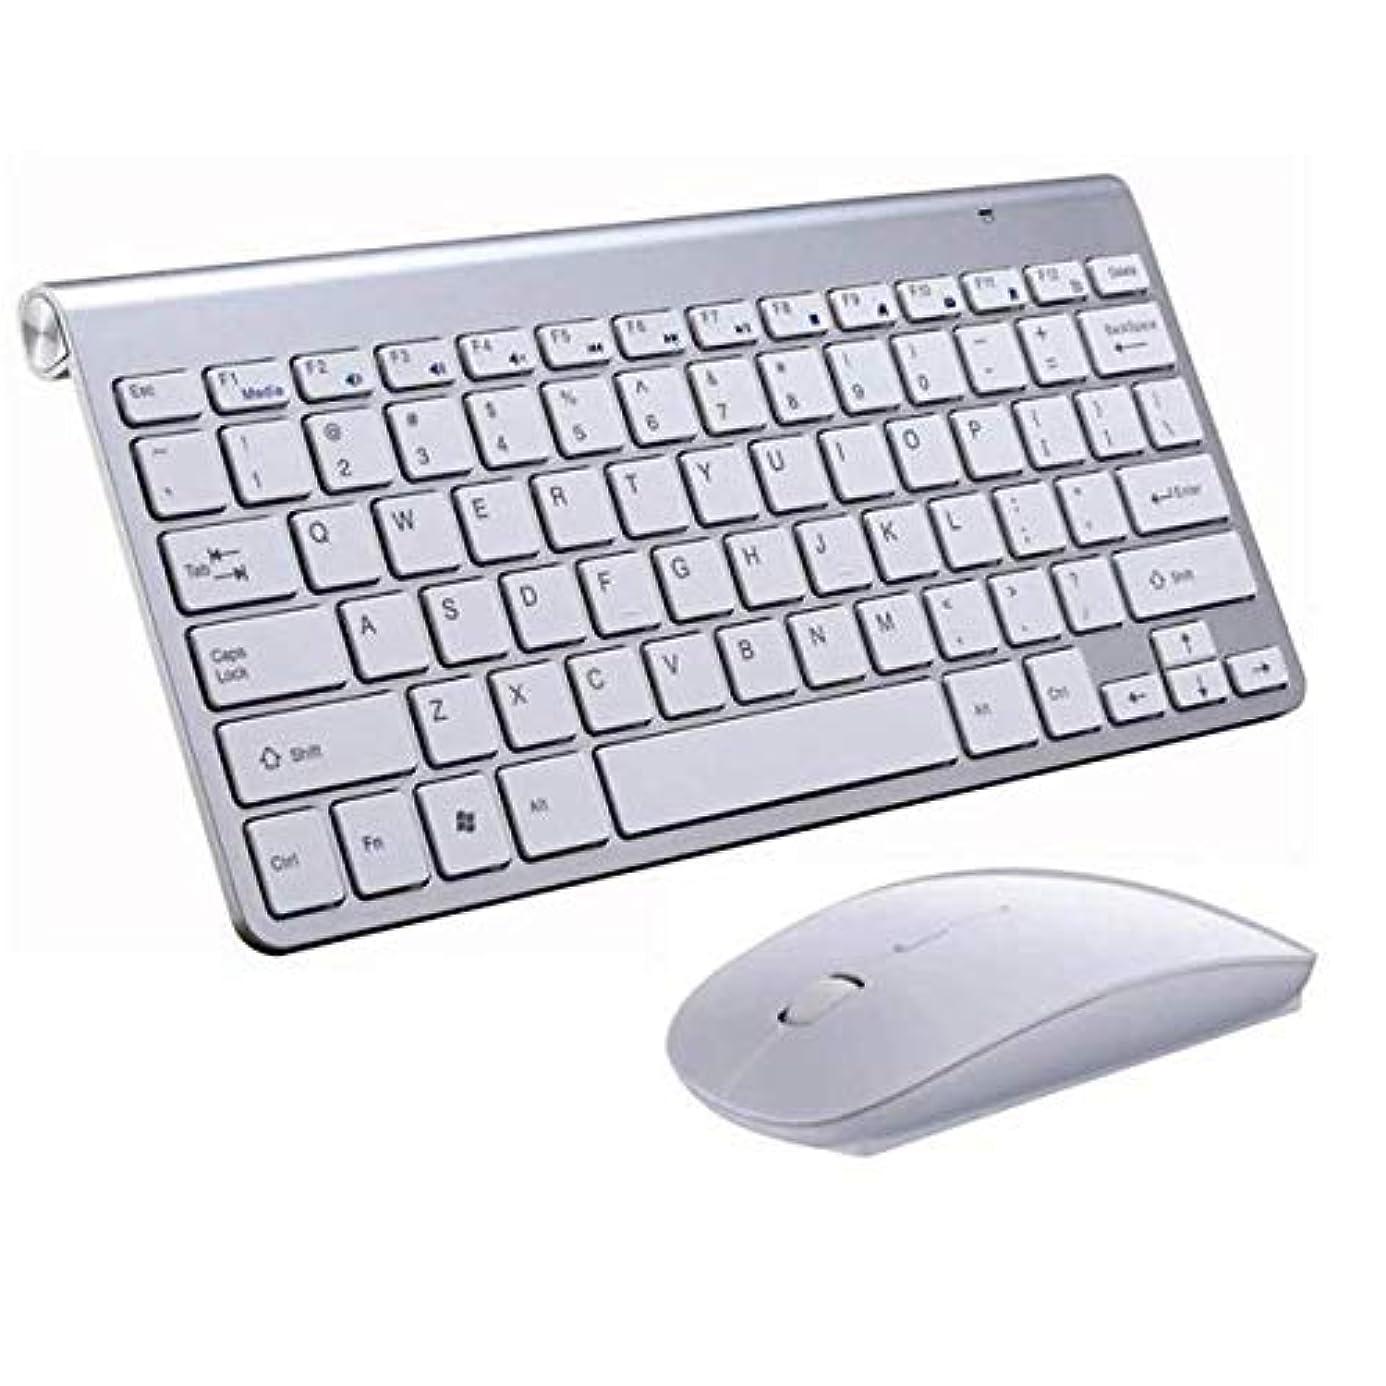 偏心入学する頂点2.4GHZ超薄型ワイヤレスキーボードとマウスの超耐久性、非常にスタイリッシュ